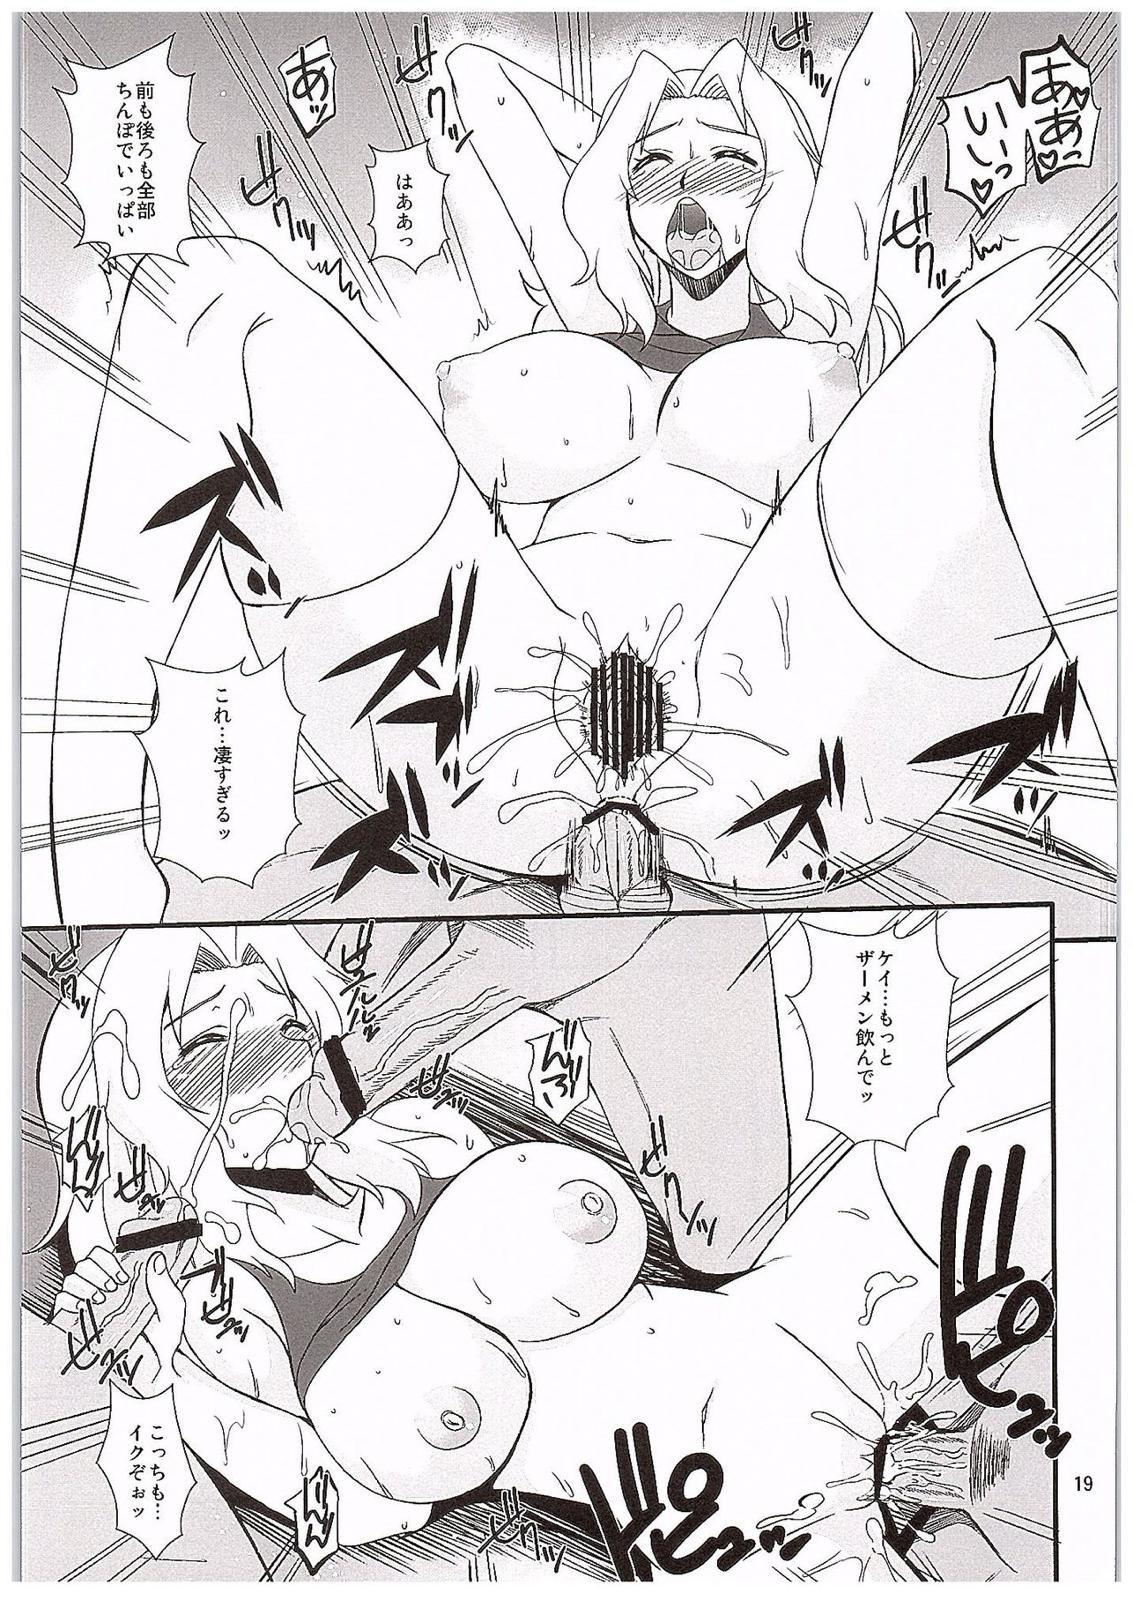 【エロ漫画】ケイちゃんがチンポ咥えてセックスしてるのを見て興奮して自らも参加して乱交騒ぎにw